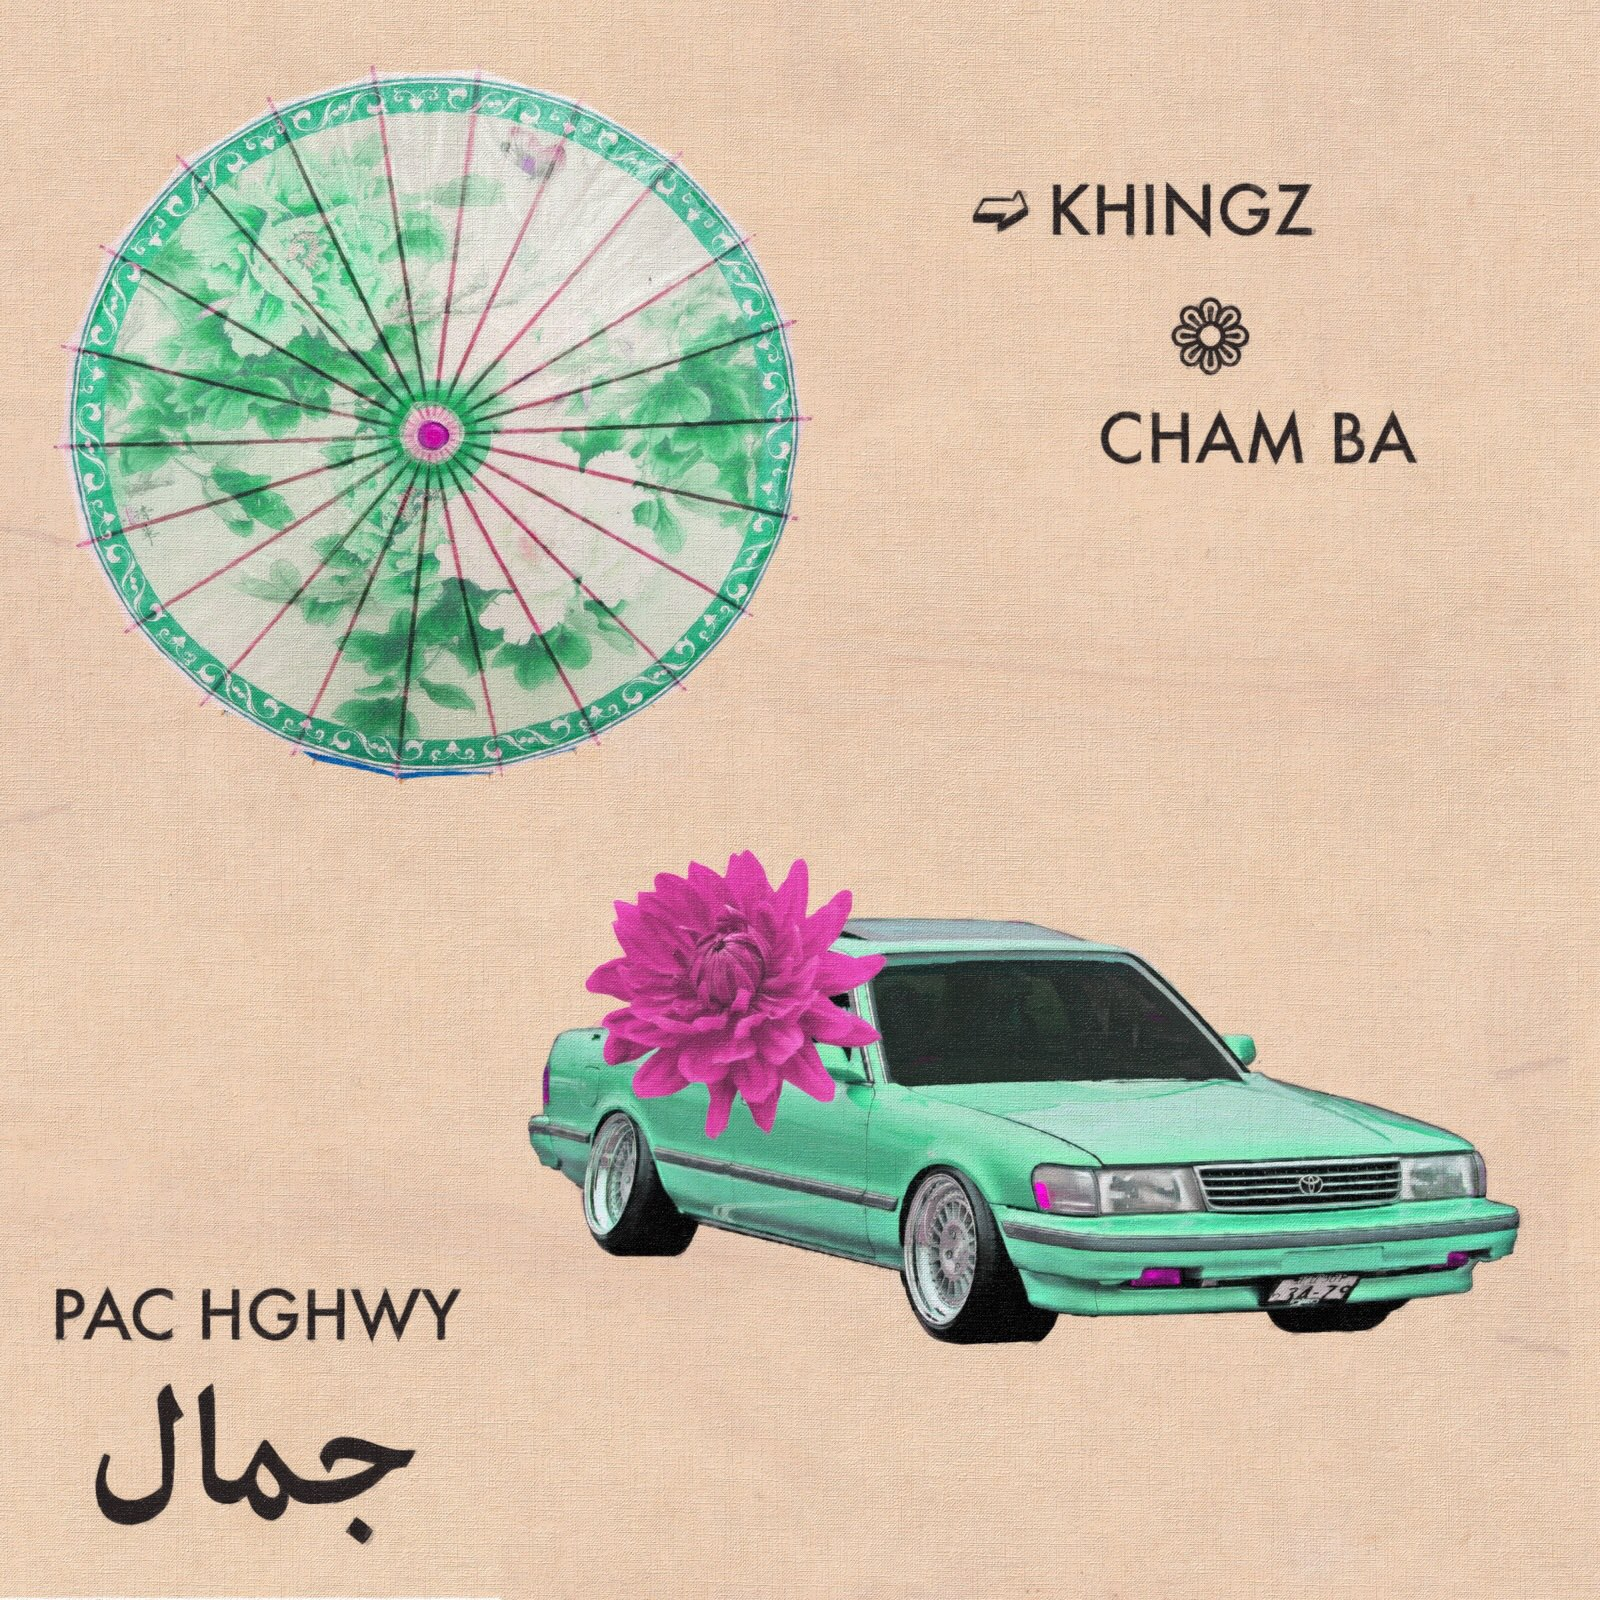 Pac Hghwy - Single from Khingz & Cham BaSpotifyNapsterIheartradioiTunesAmazon MusicBeatlistGoogle Play